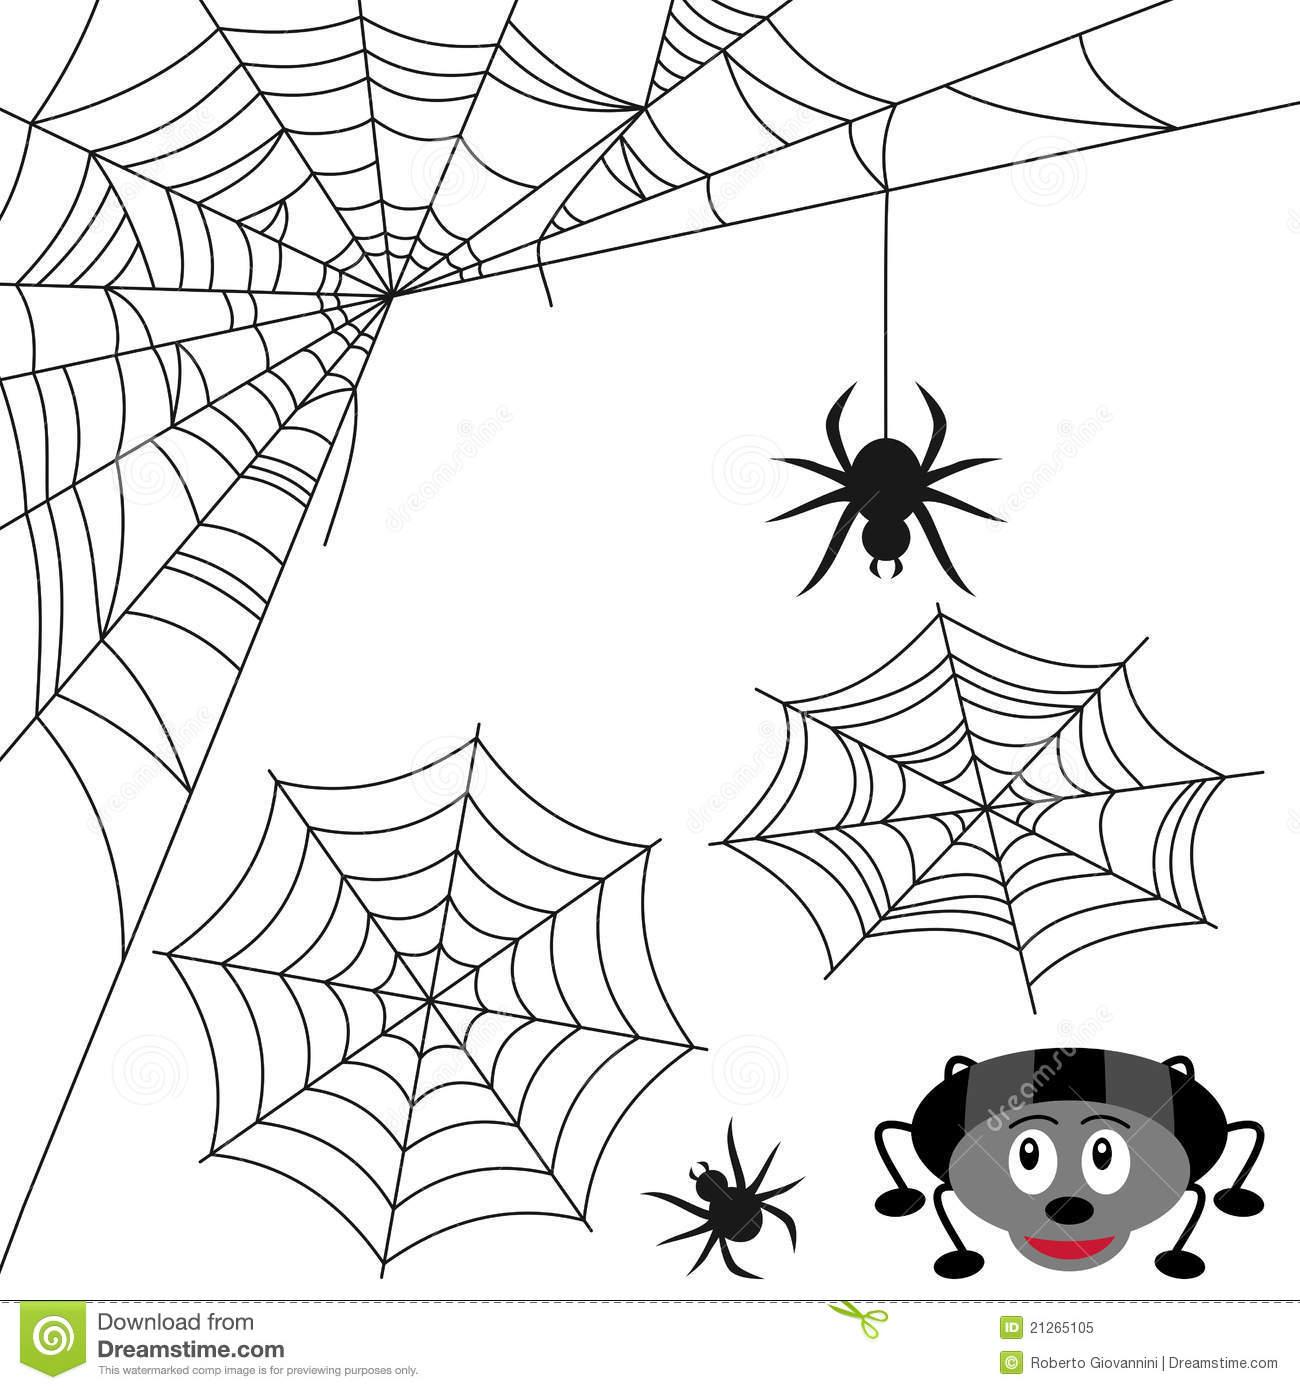 Positionnement De Toile D'araignée Illustration De Vecteur dedans Toile D Araignée Dessin